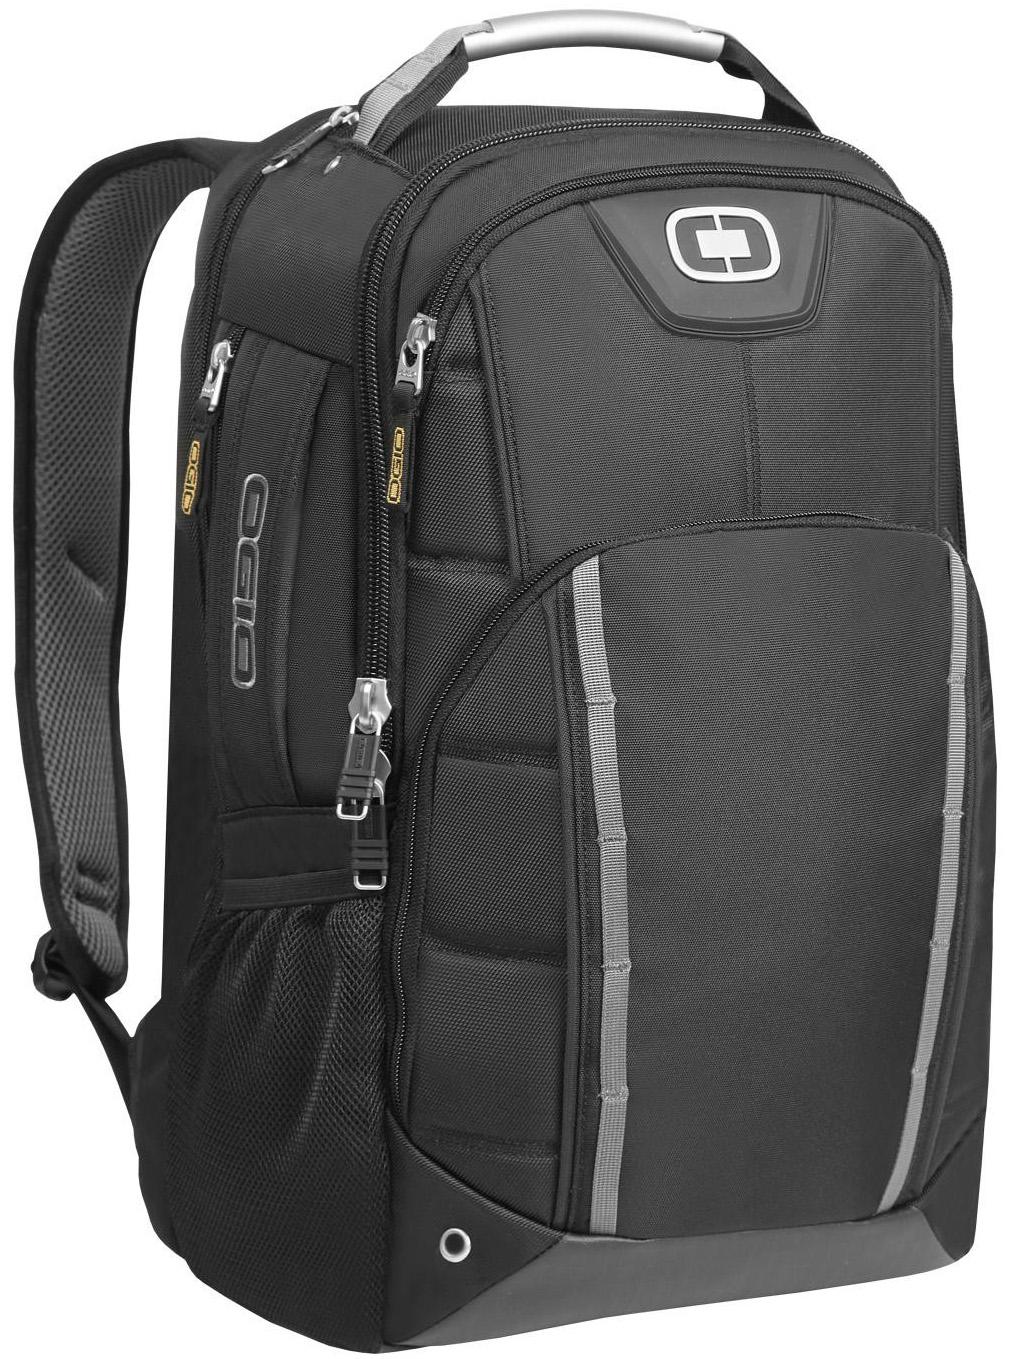 Σακίδιο Πλάτης για Laptop 17inch Axle Ogio 111087.03 Μαυρο σακίδια   τσάντες   τσάντες πλάτης